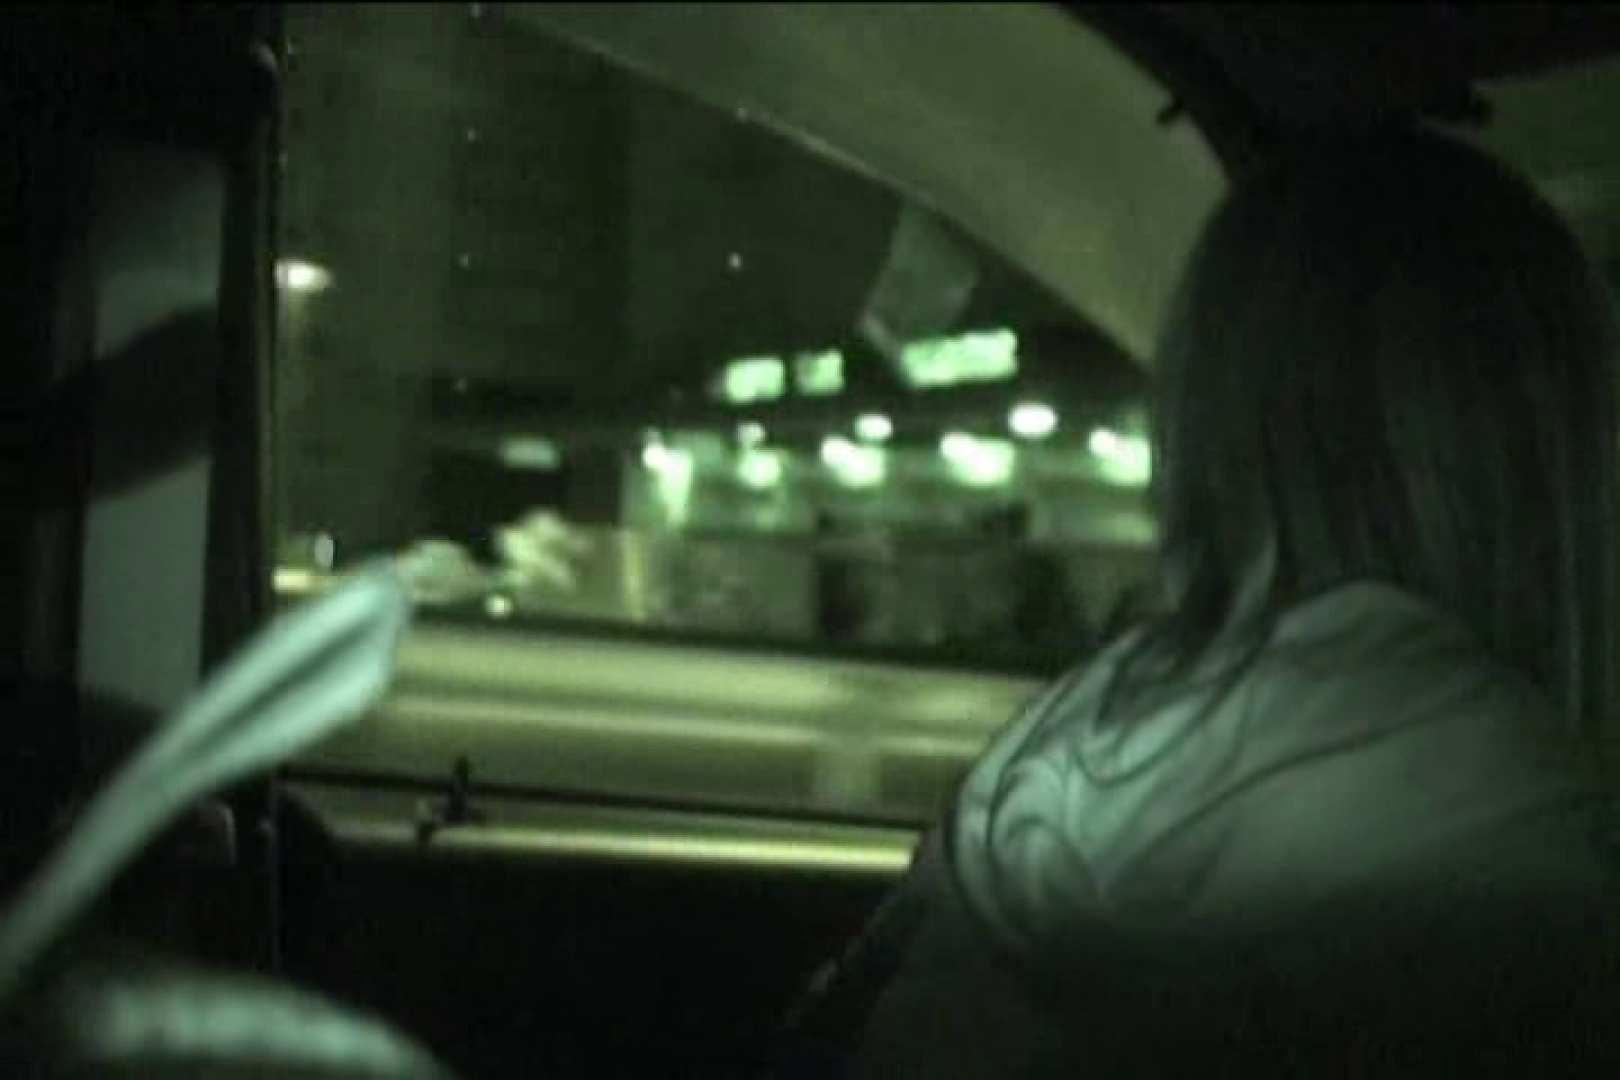 車内で初めまして! vol03 0  91pic 38